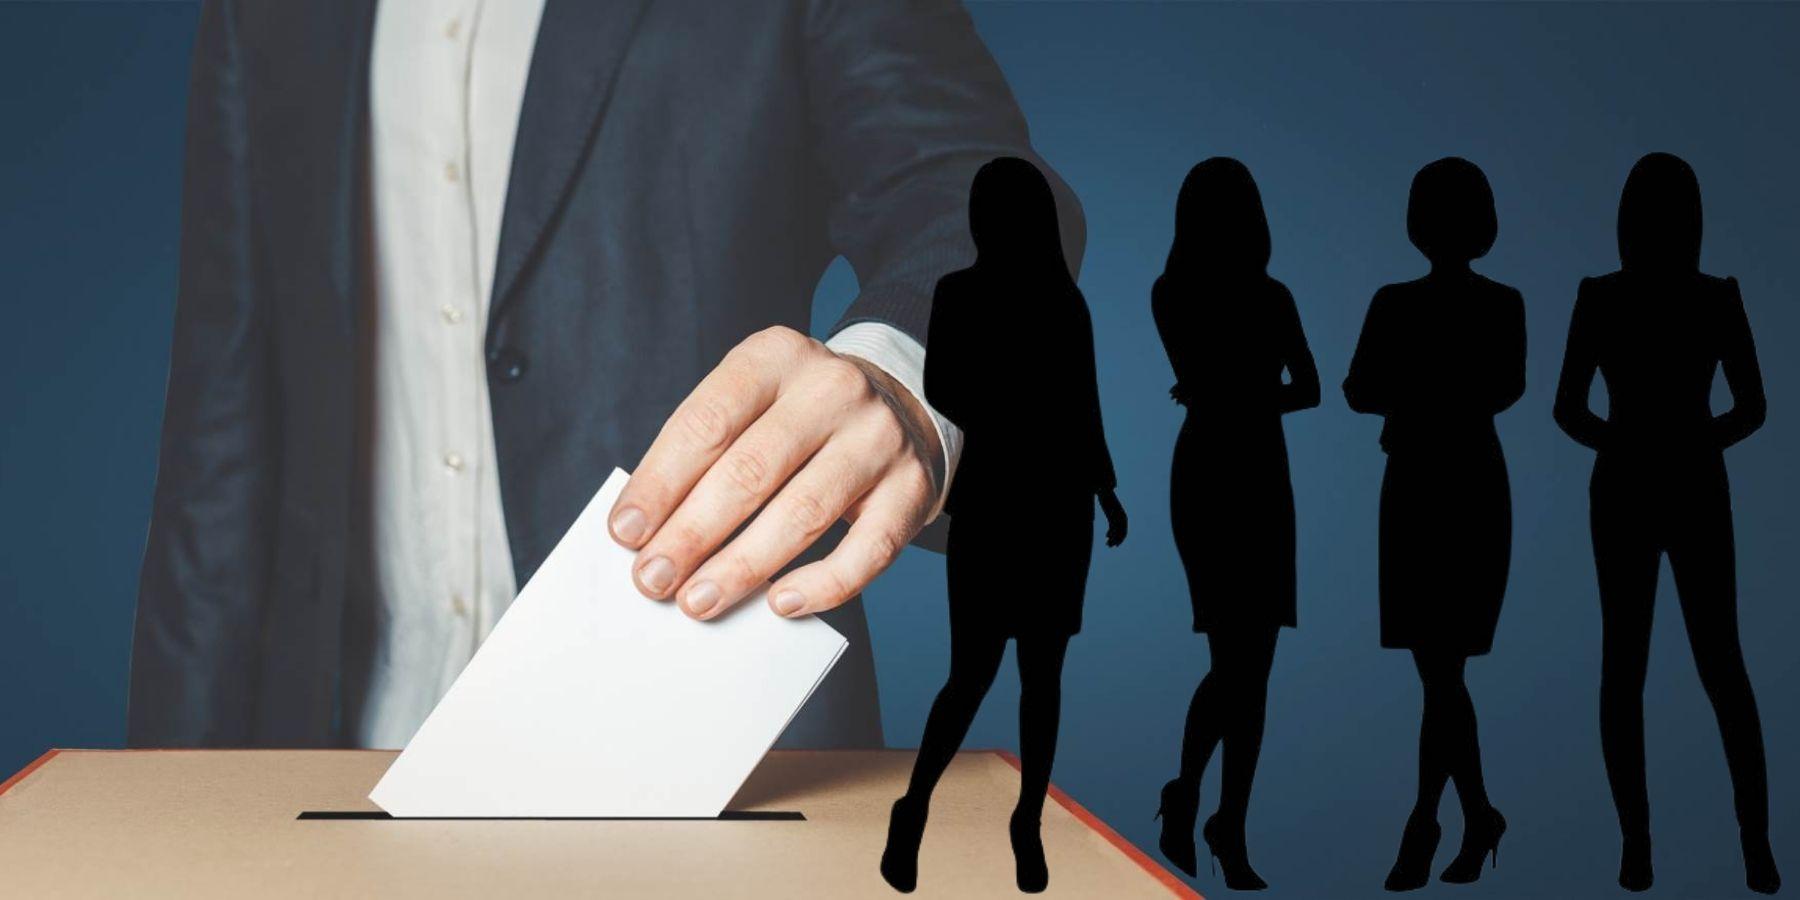 Na nekim listama ih je bilo nedovoljno, na drugima su zauzele dno, a u jednom Vijeću neće sjediti niti jedna žena!